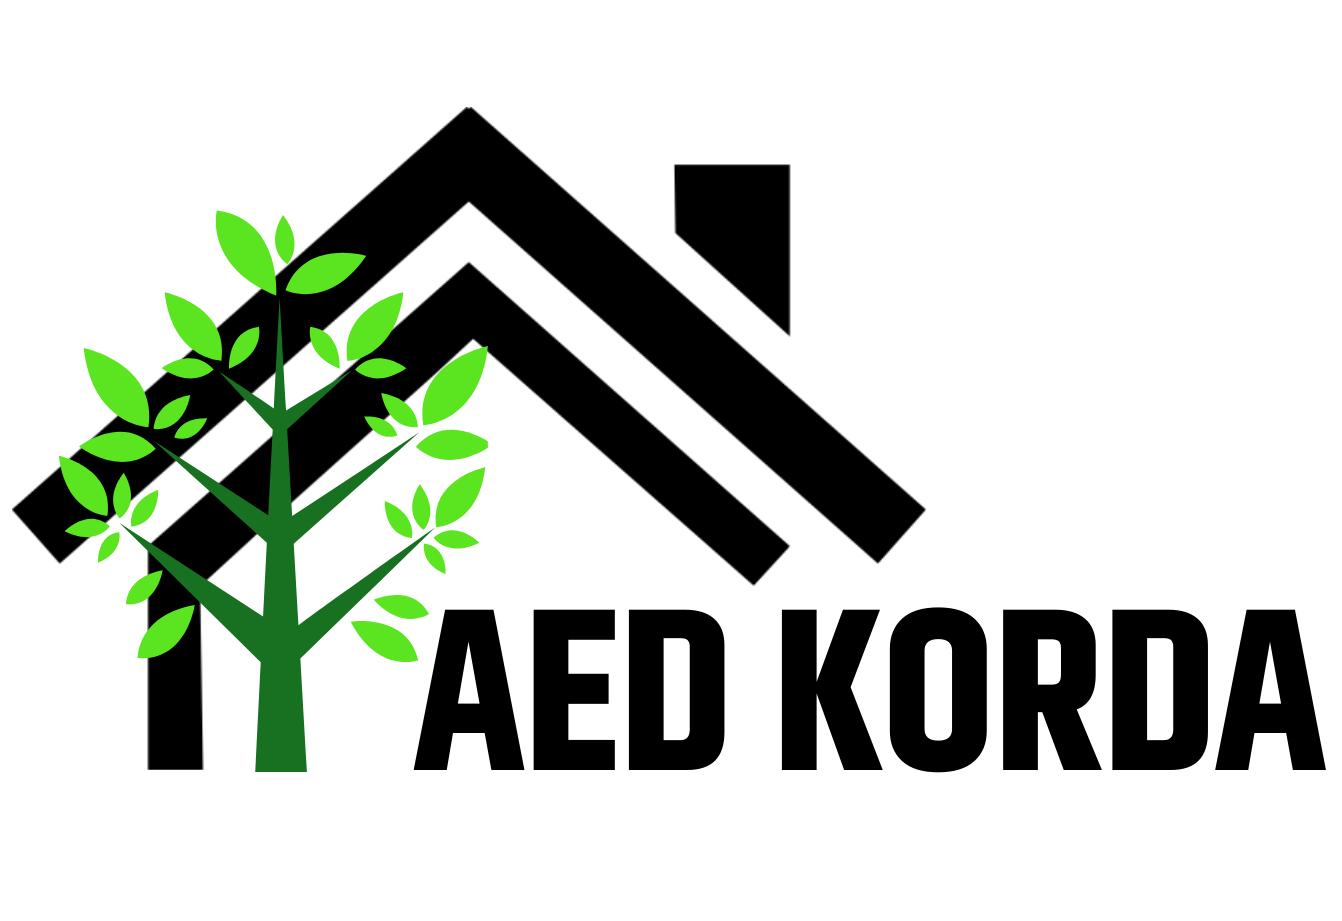 Aed Korda